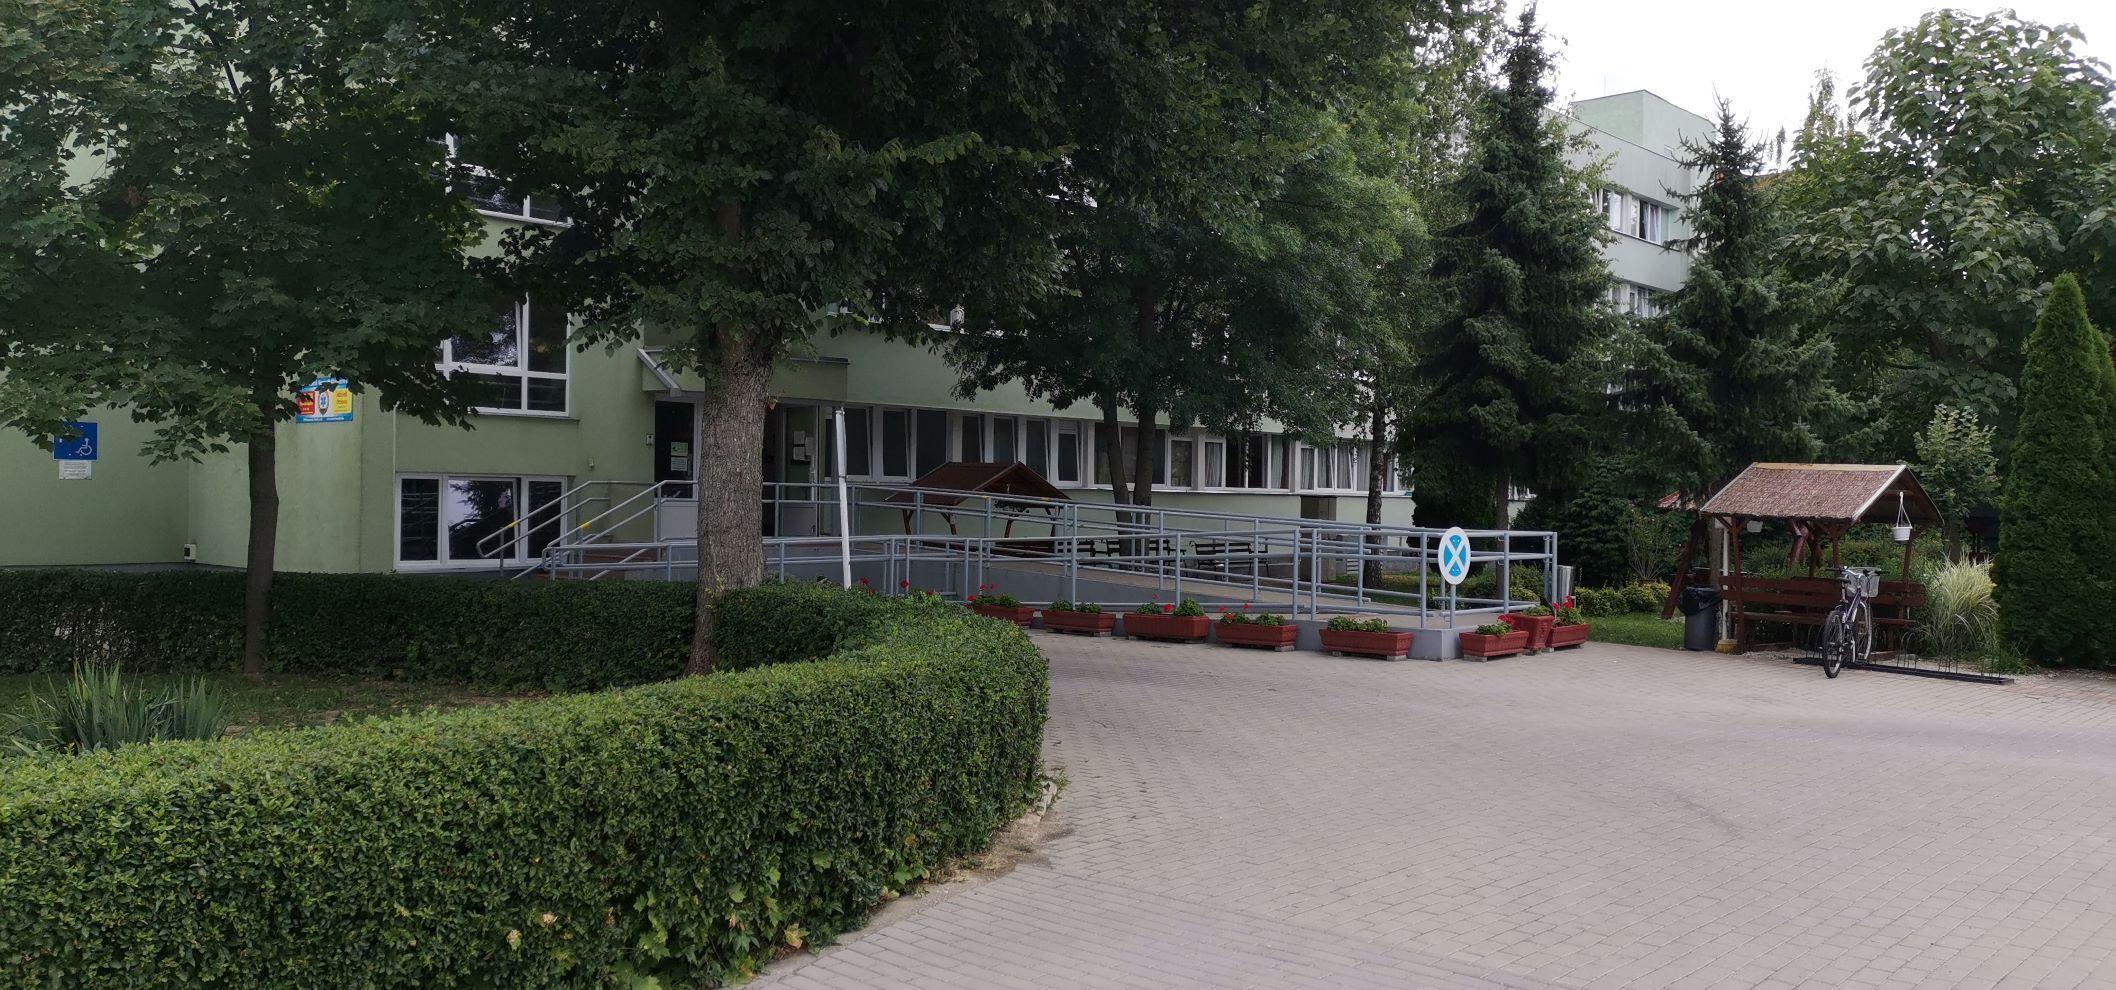 Intézet bejárata